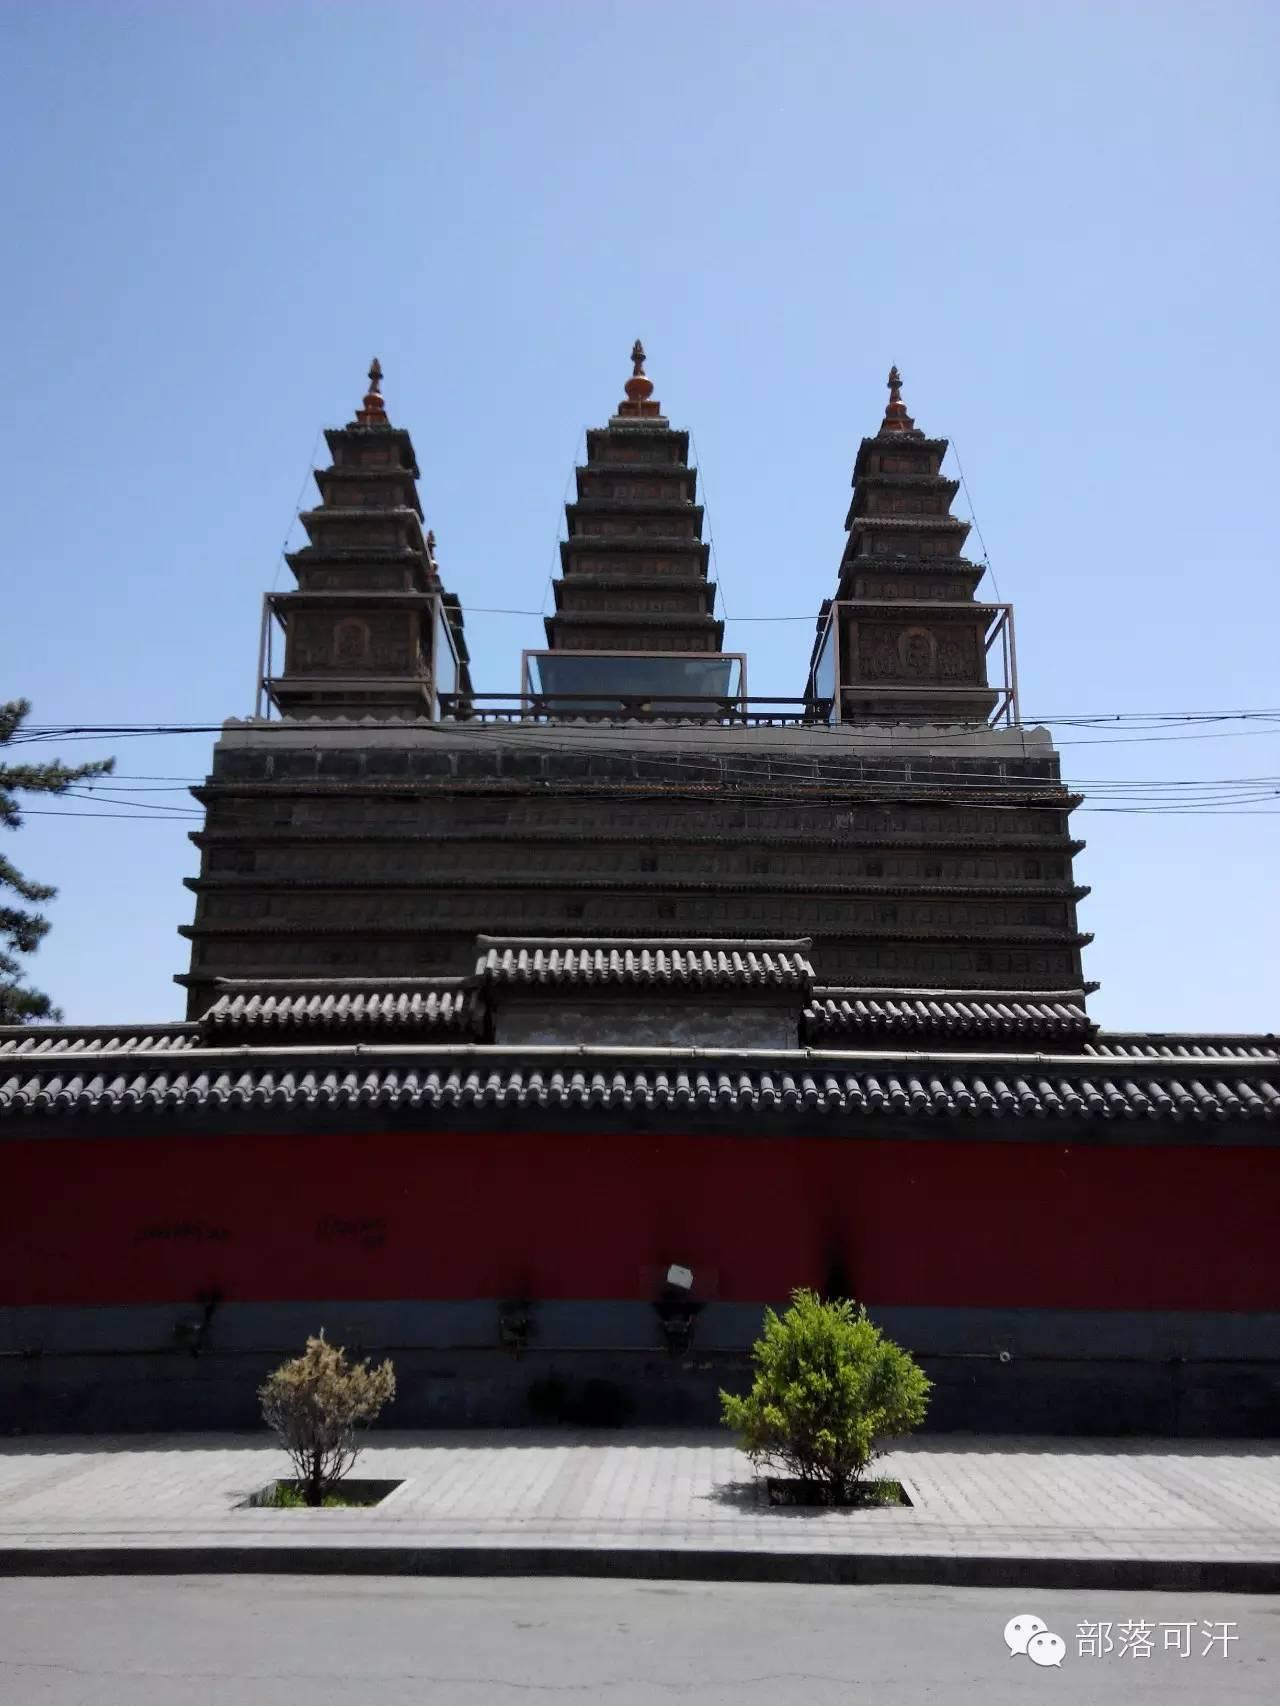 蒙古族建筑文化之宗教建筑(呼和浩特) 第5张